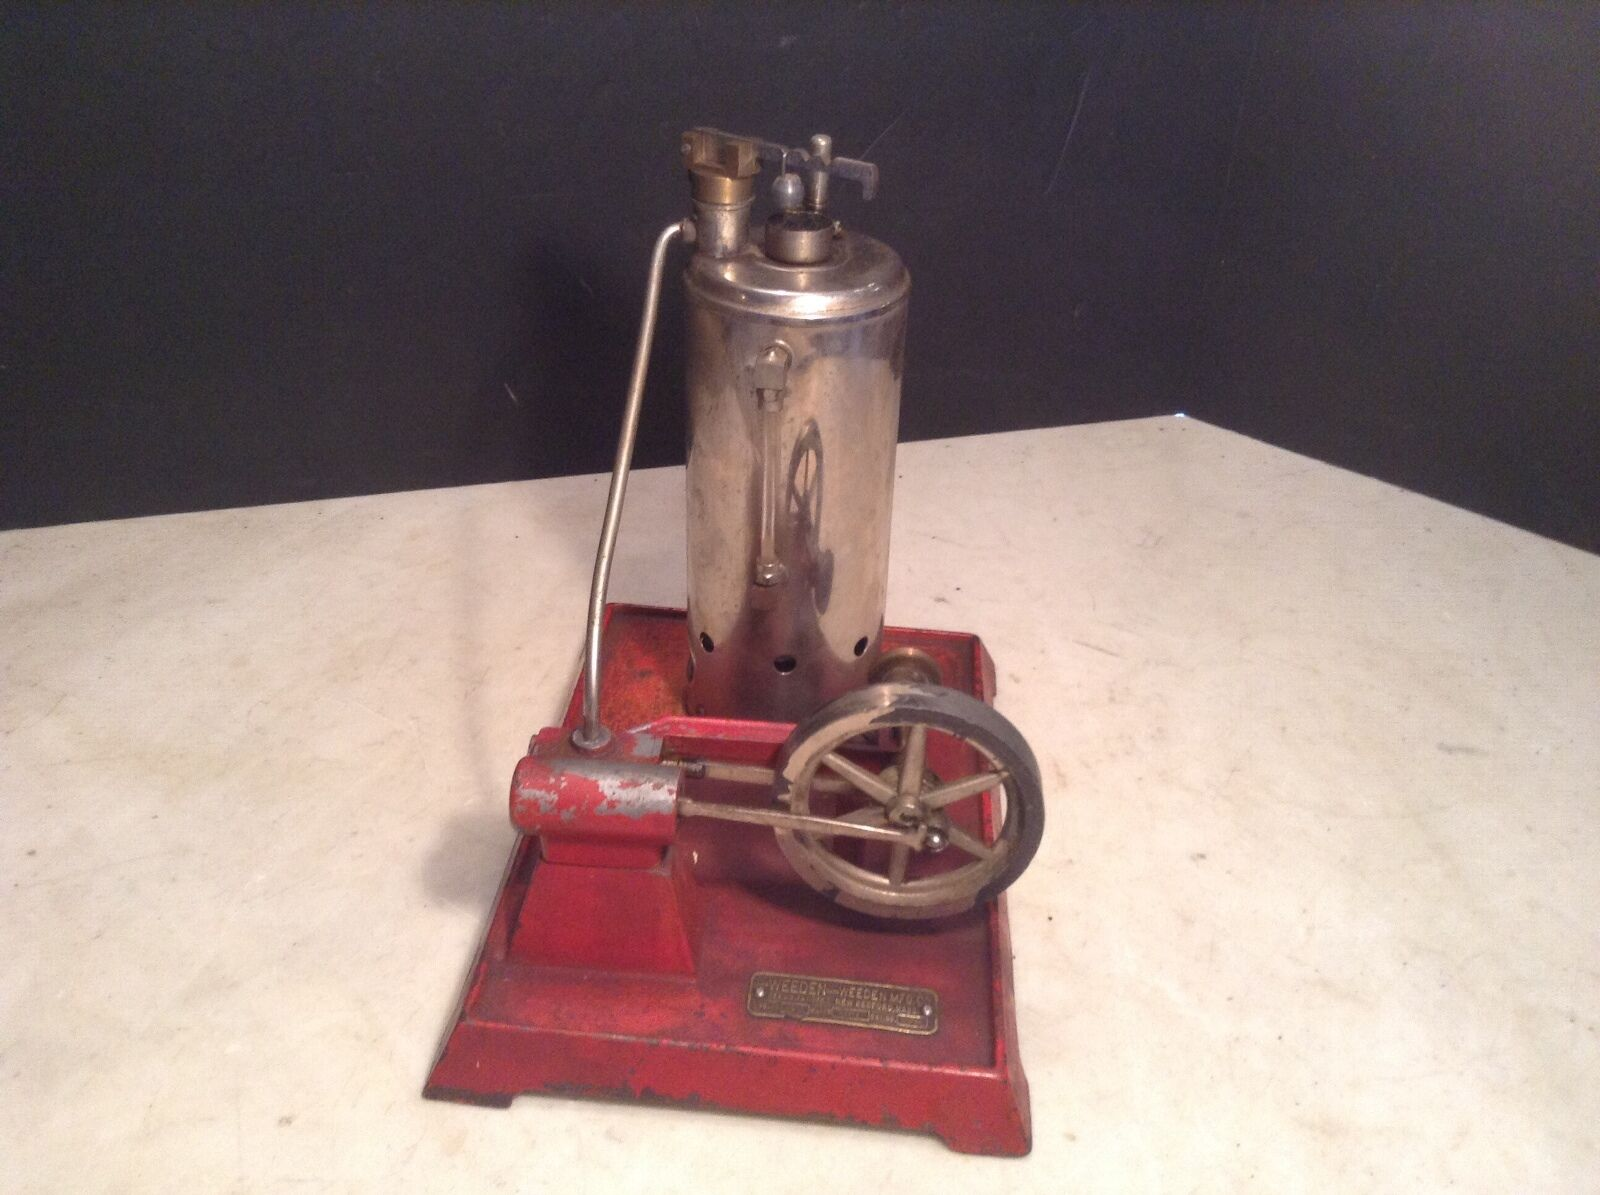 Antique Weeden Electric Steam Engine Toy Cat No. 672